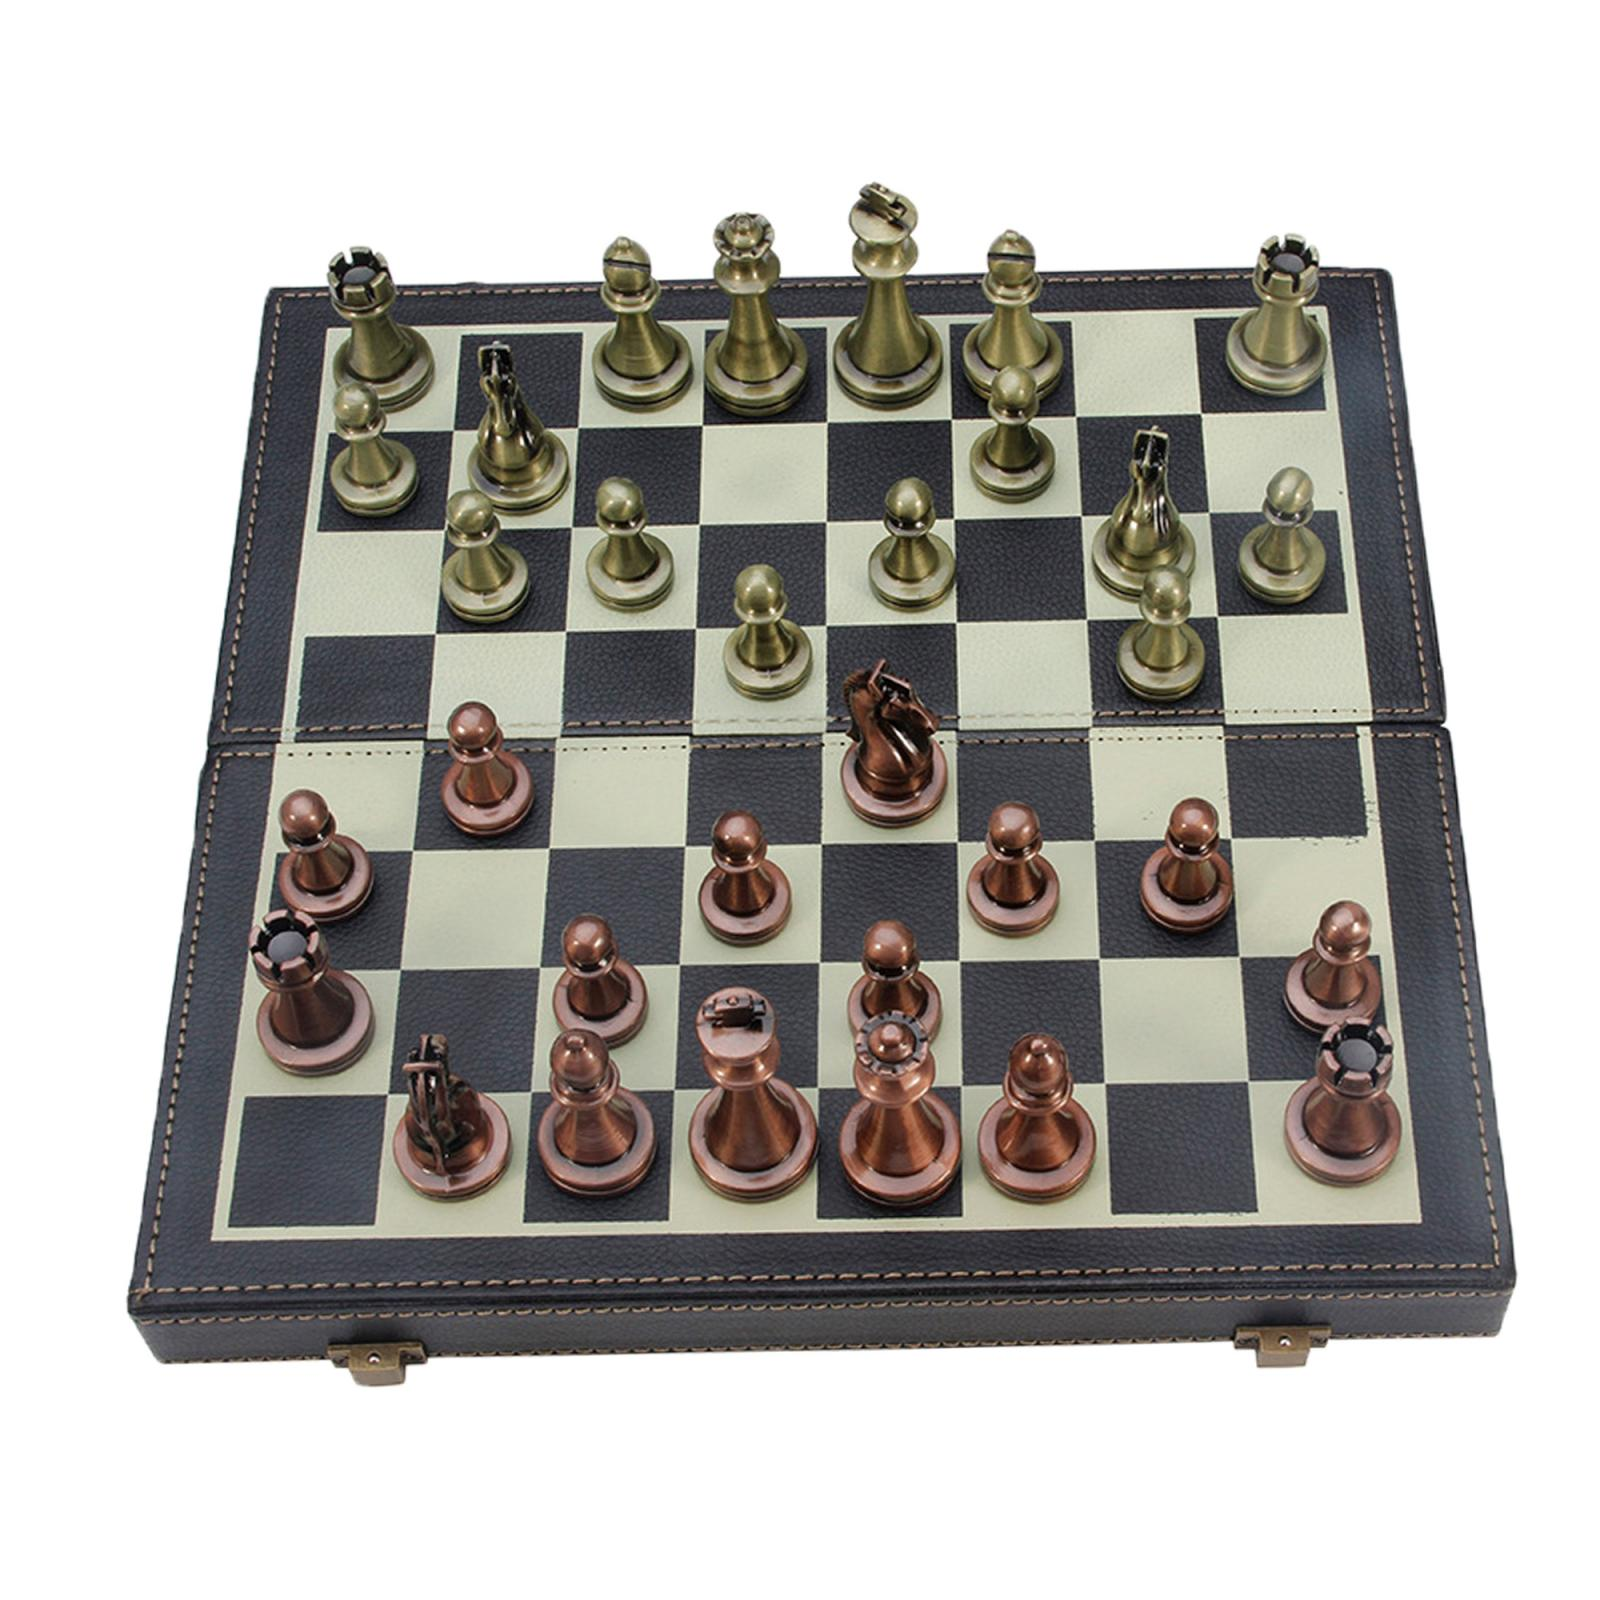 Tablero de ajedrez de Cuero Vintage plegable